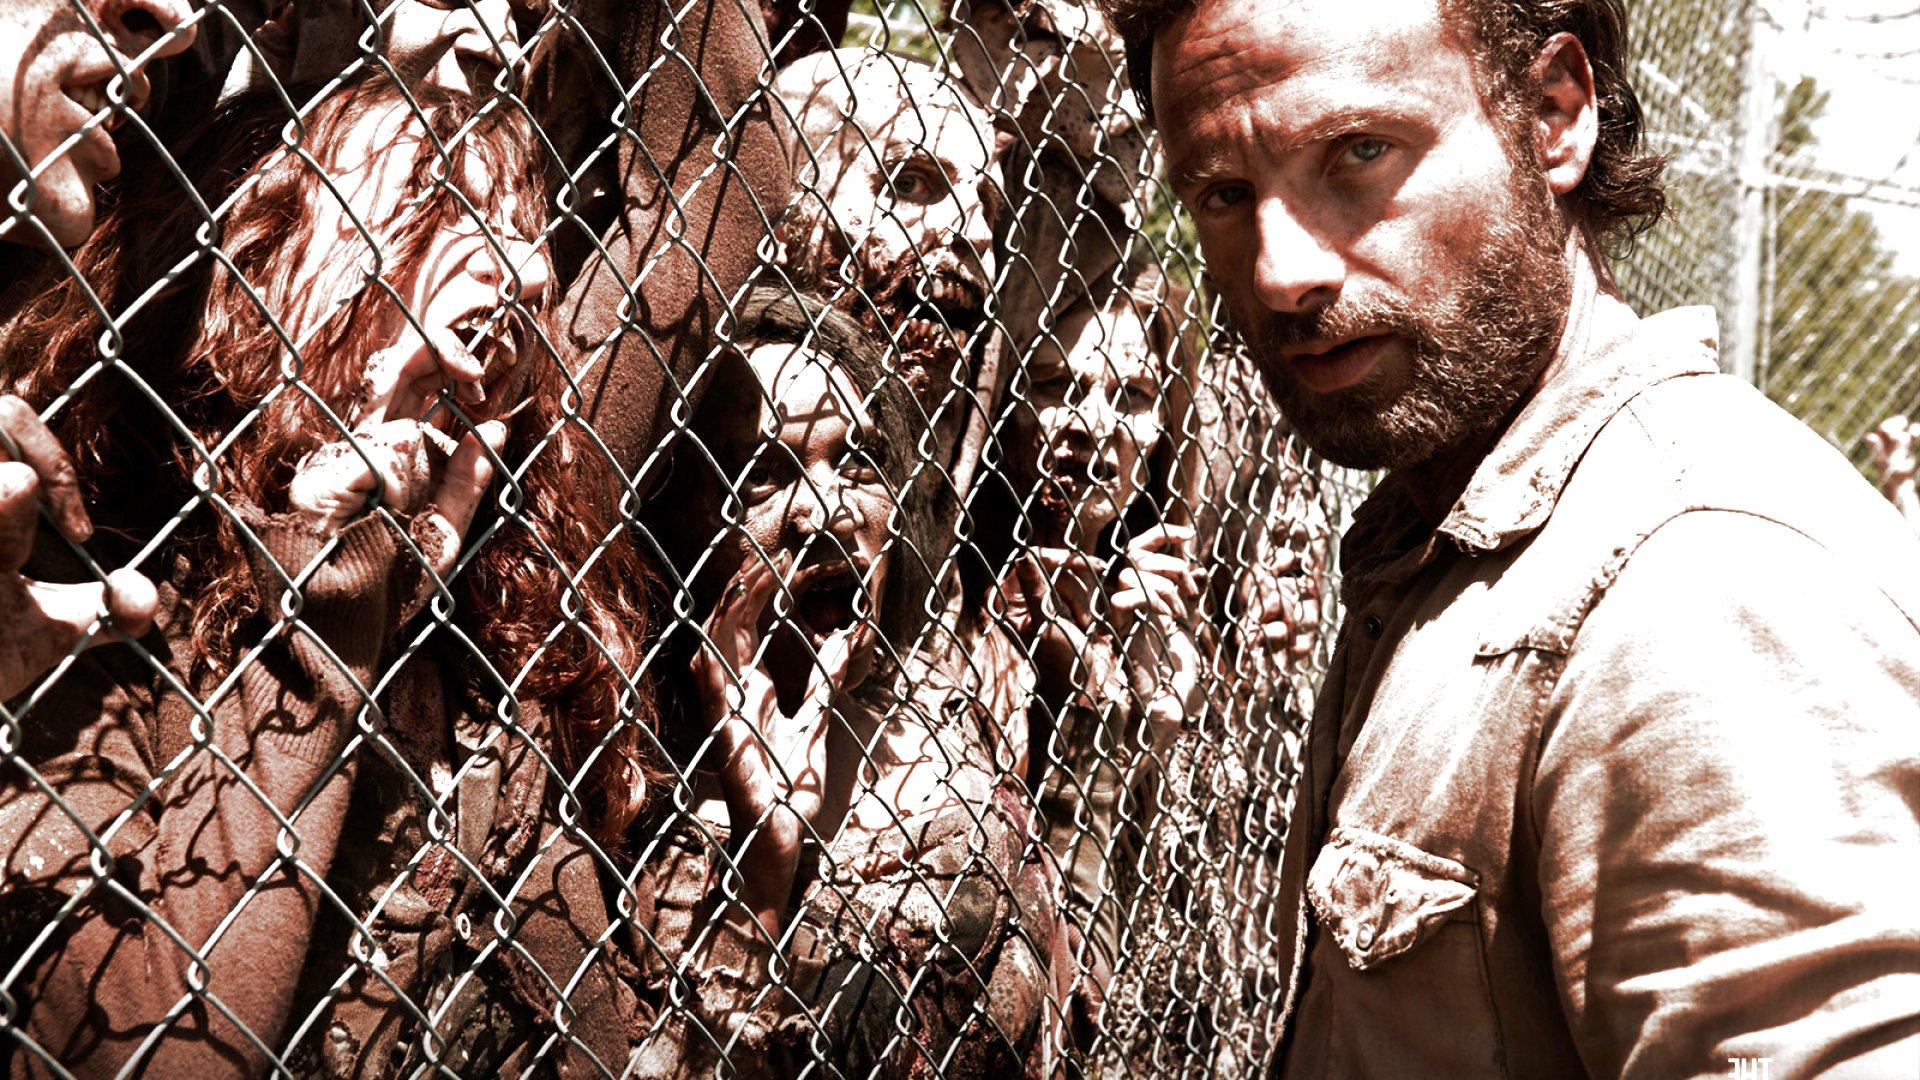 WALKING DEAD horror series dark zombie evil wallpaper ...